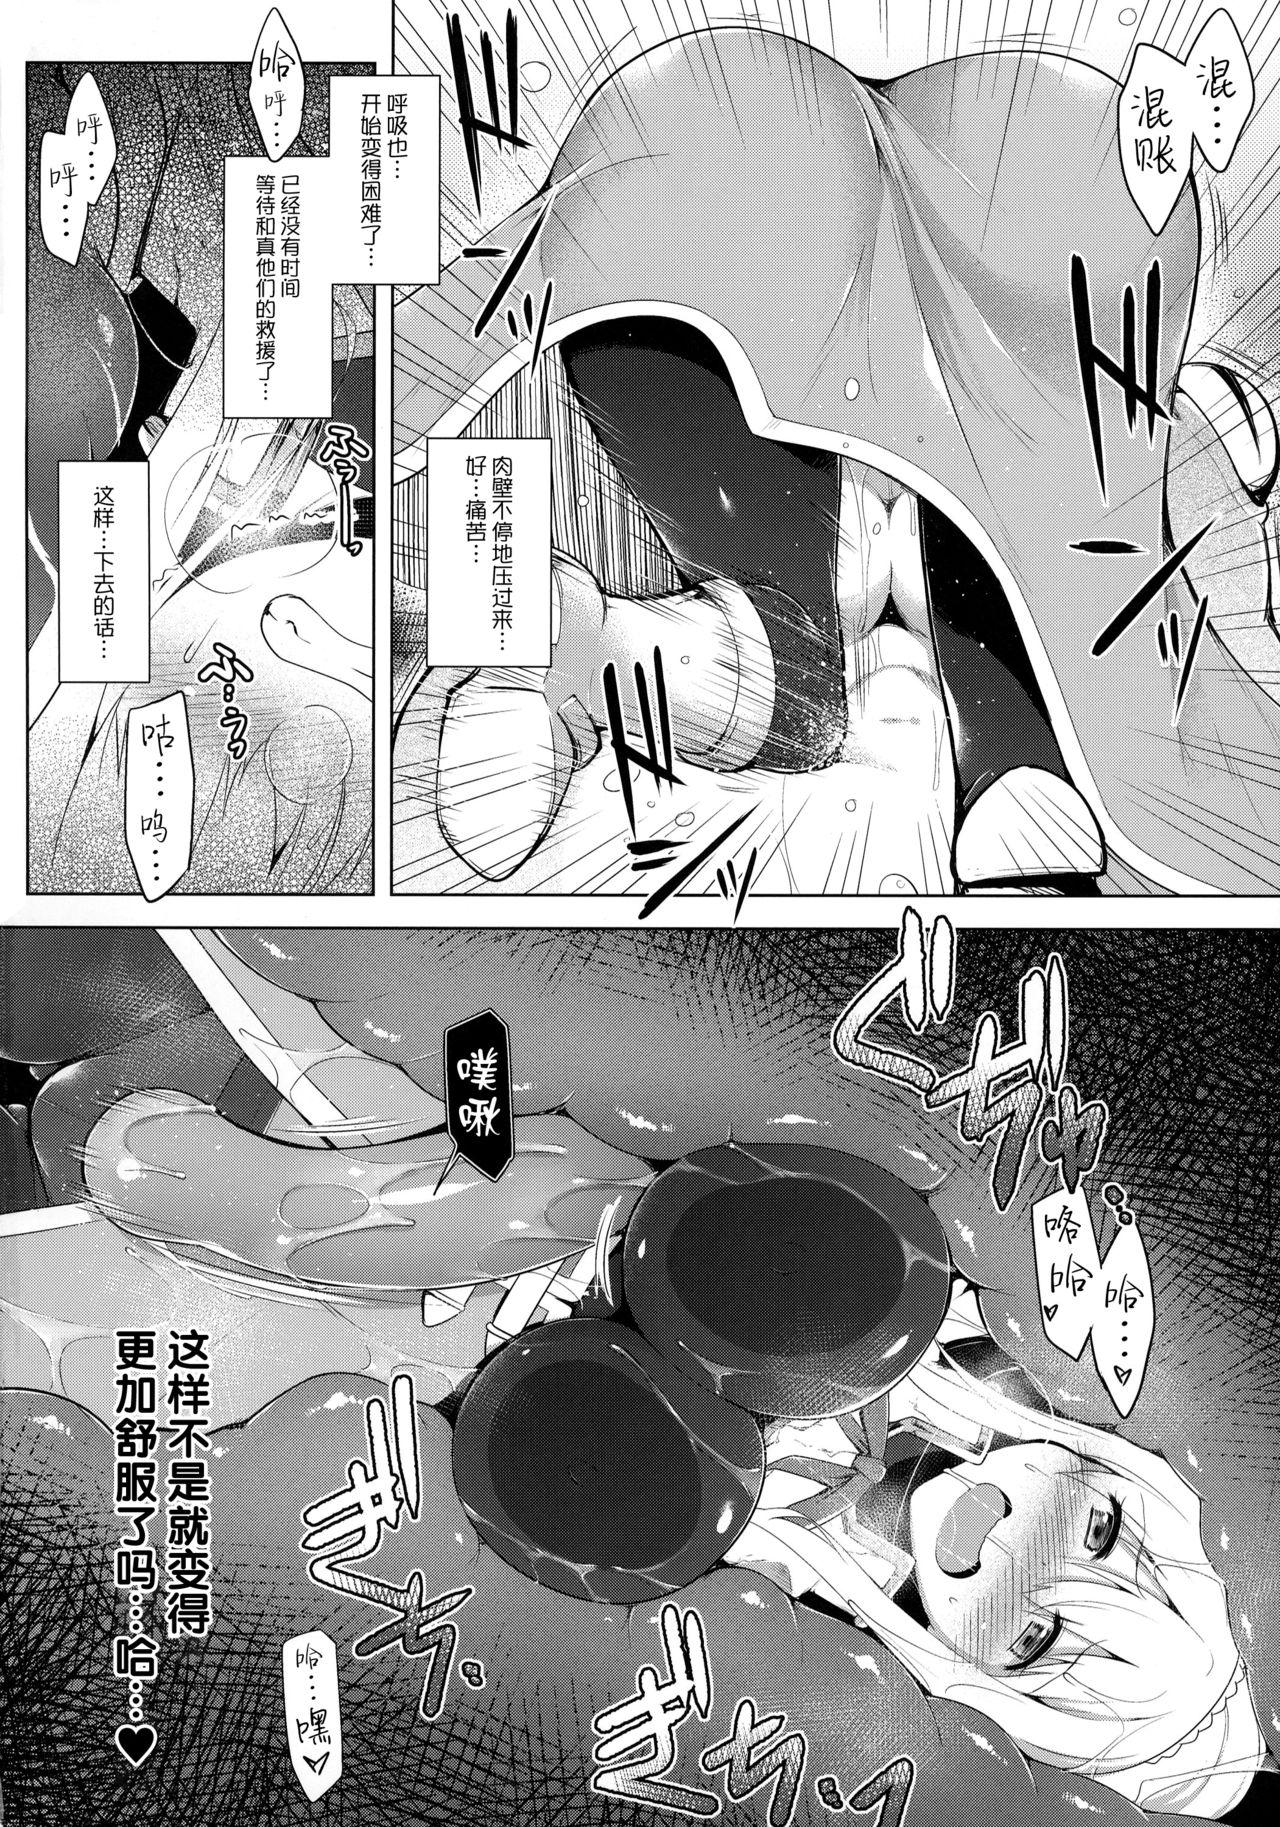 Kono Do-M Seikishi ni Marunomi Flag o! 5